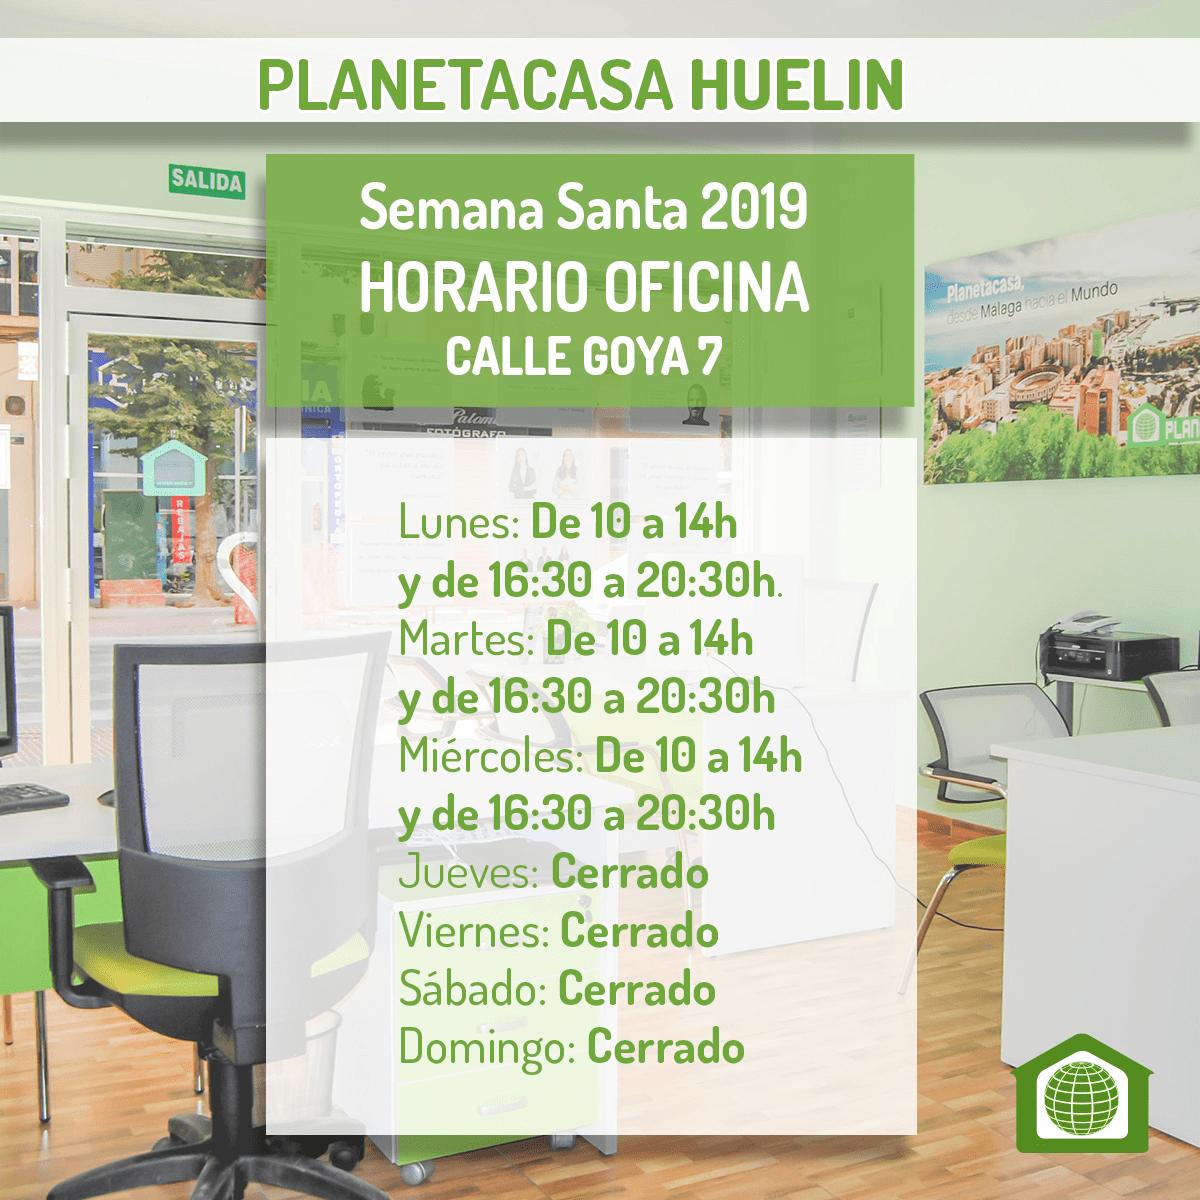 Horario oficina planetacasa Huelin Semana Santa 2019